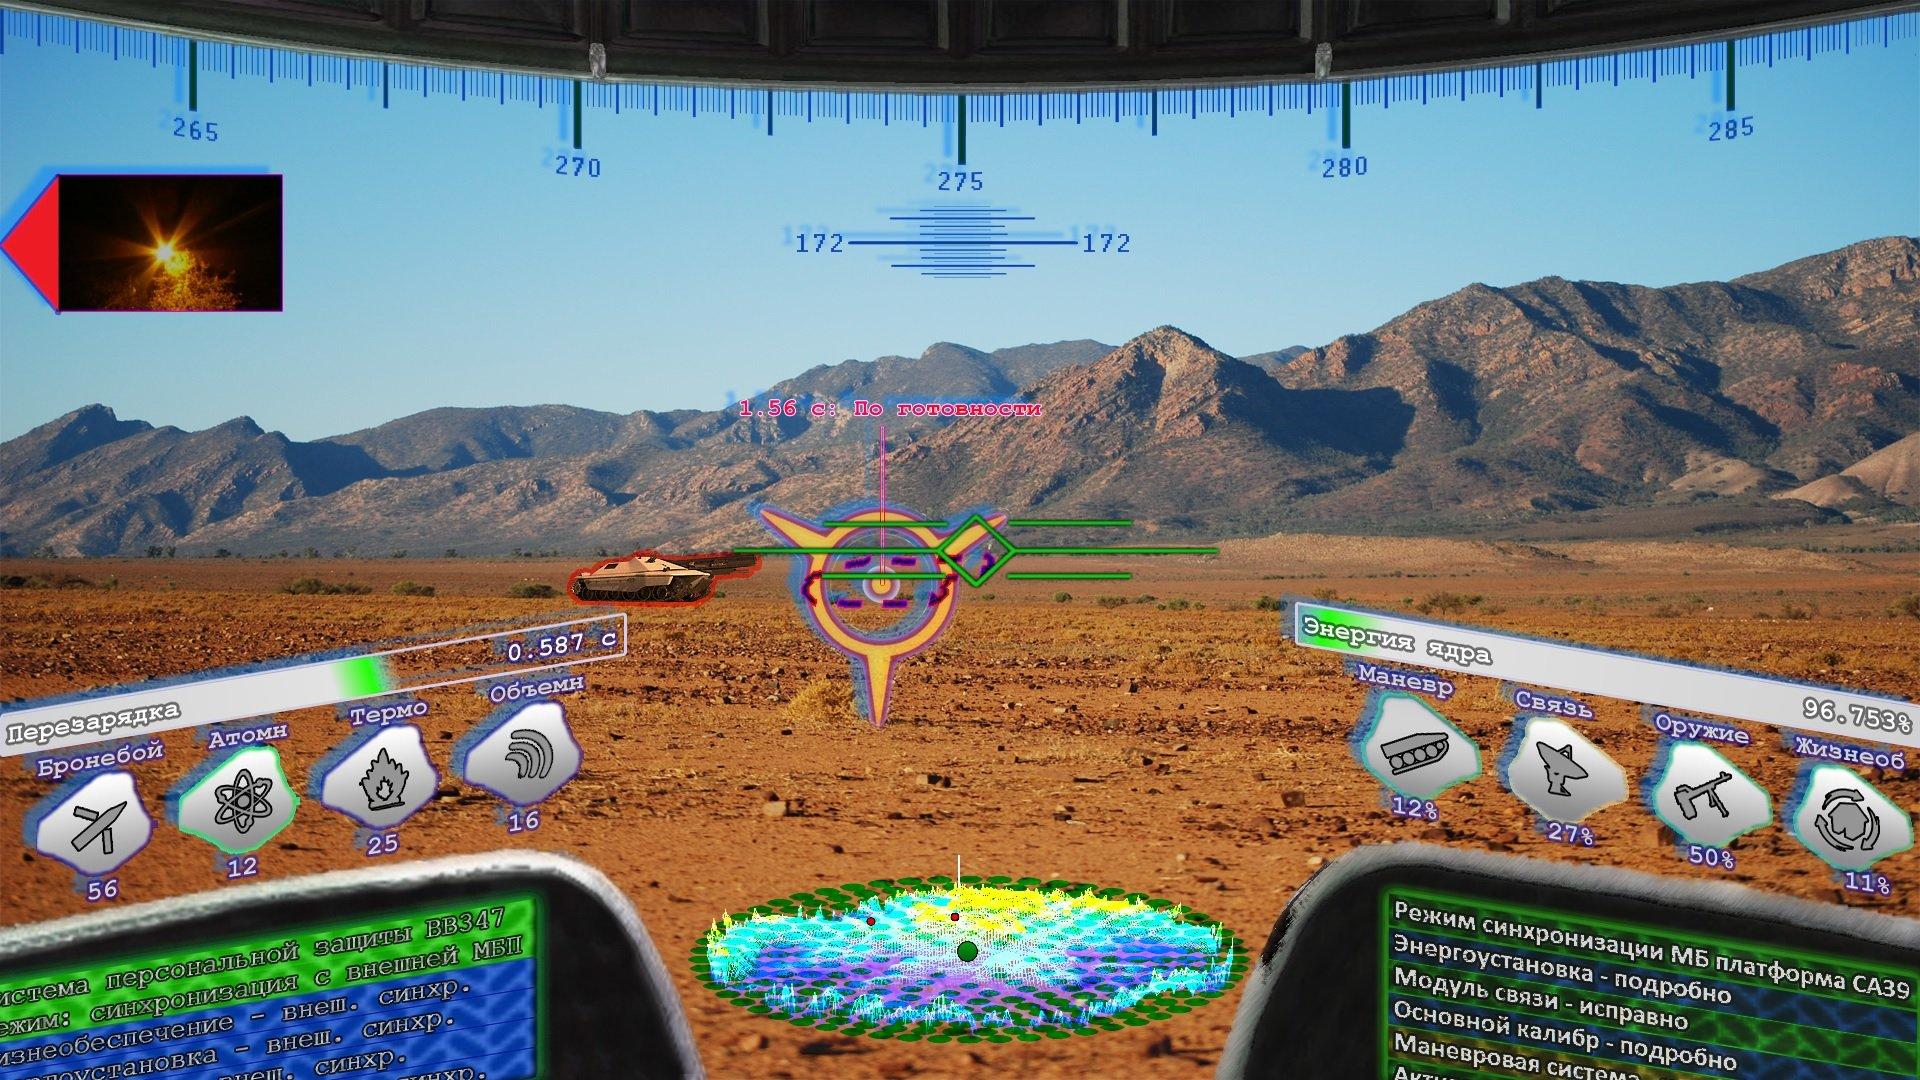 Итоги конкурса интерфейсов будущего - Изображение 11